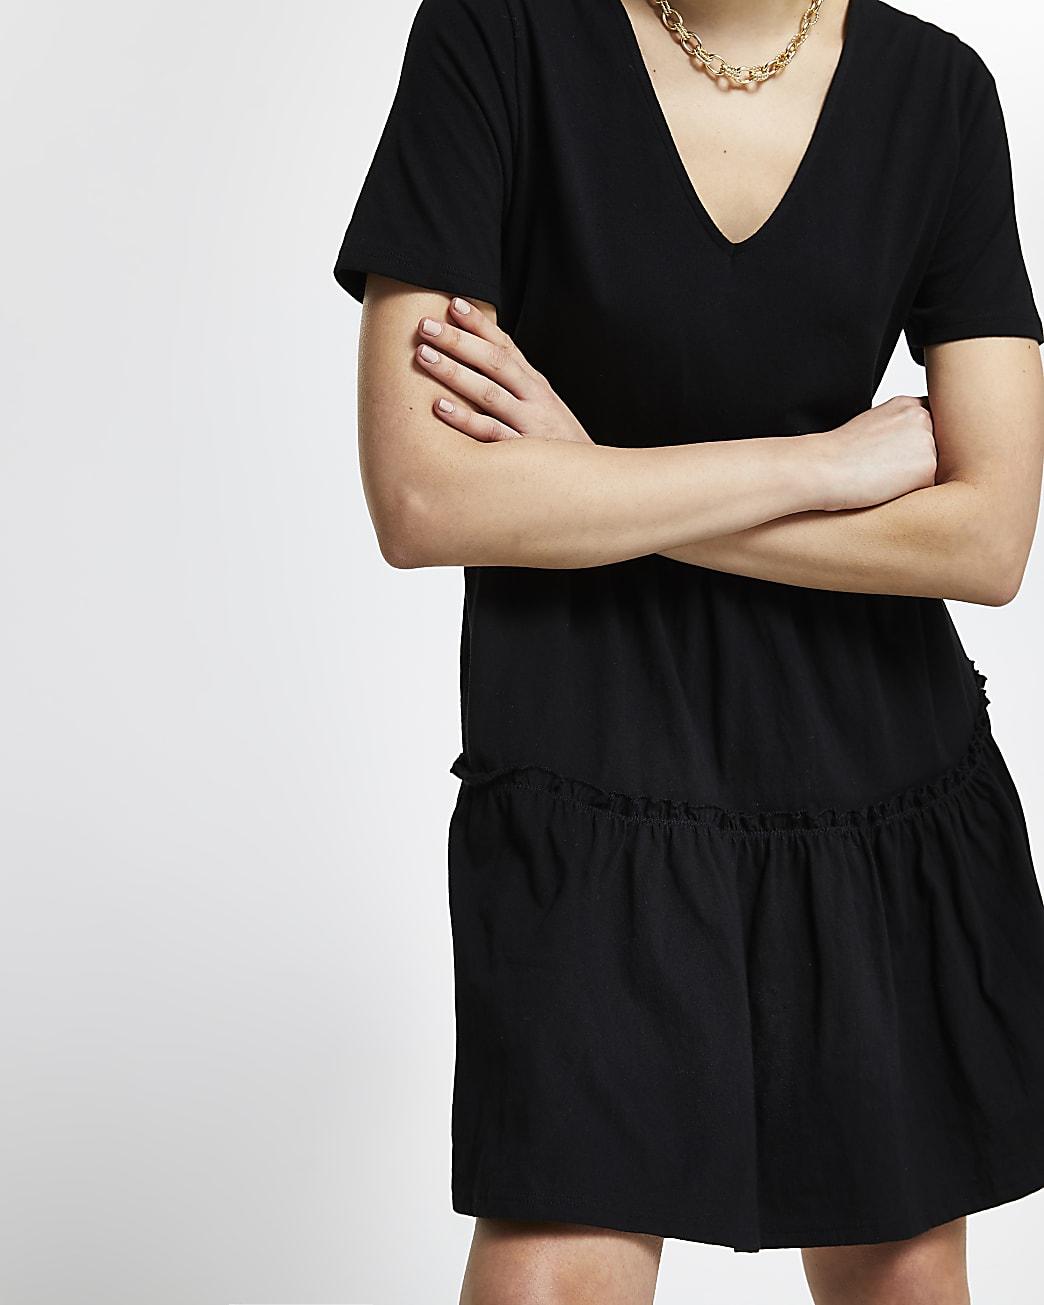 Black v neck t-shirt tiered smock dress